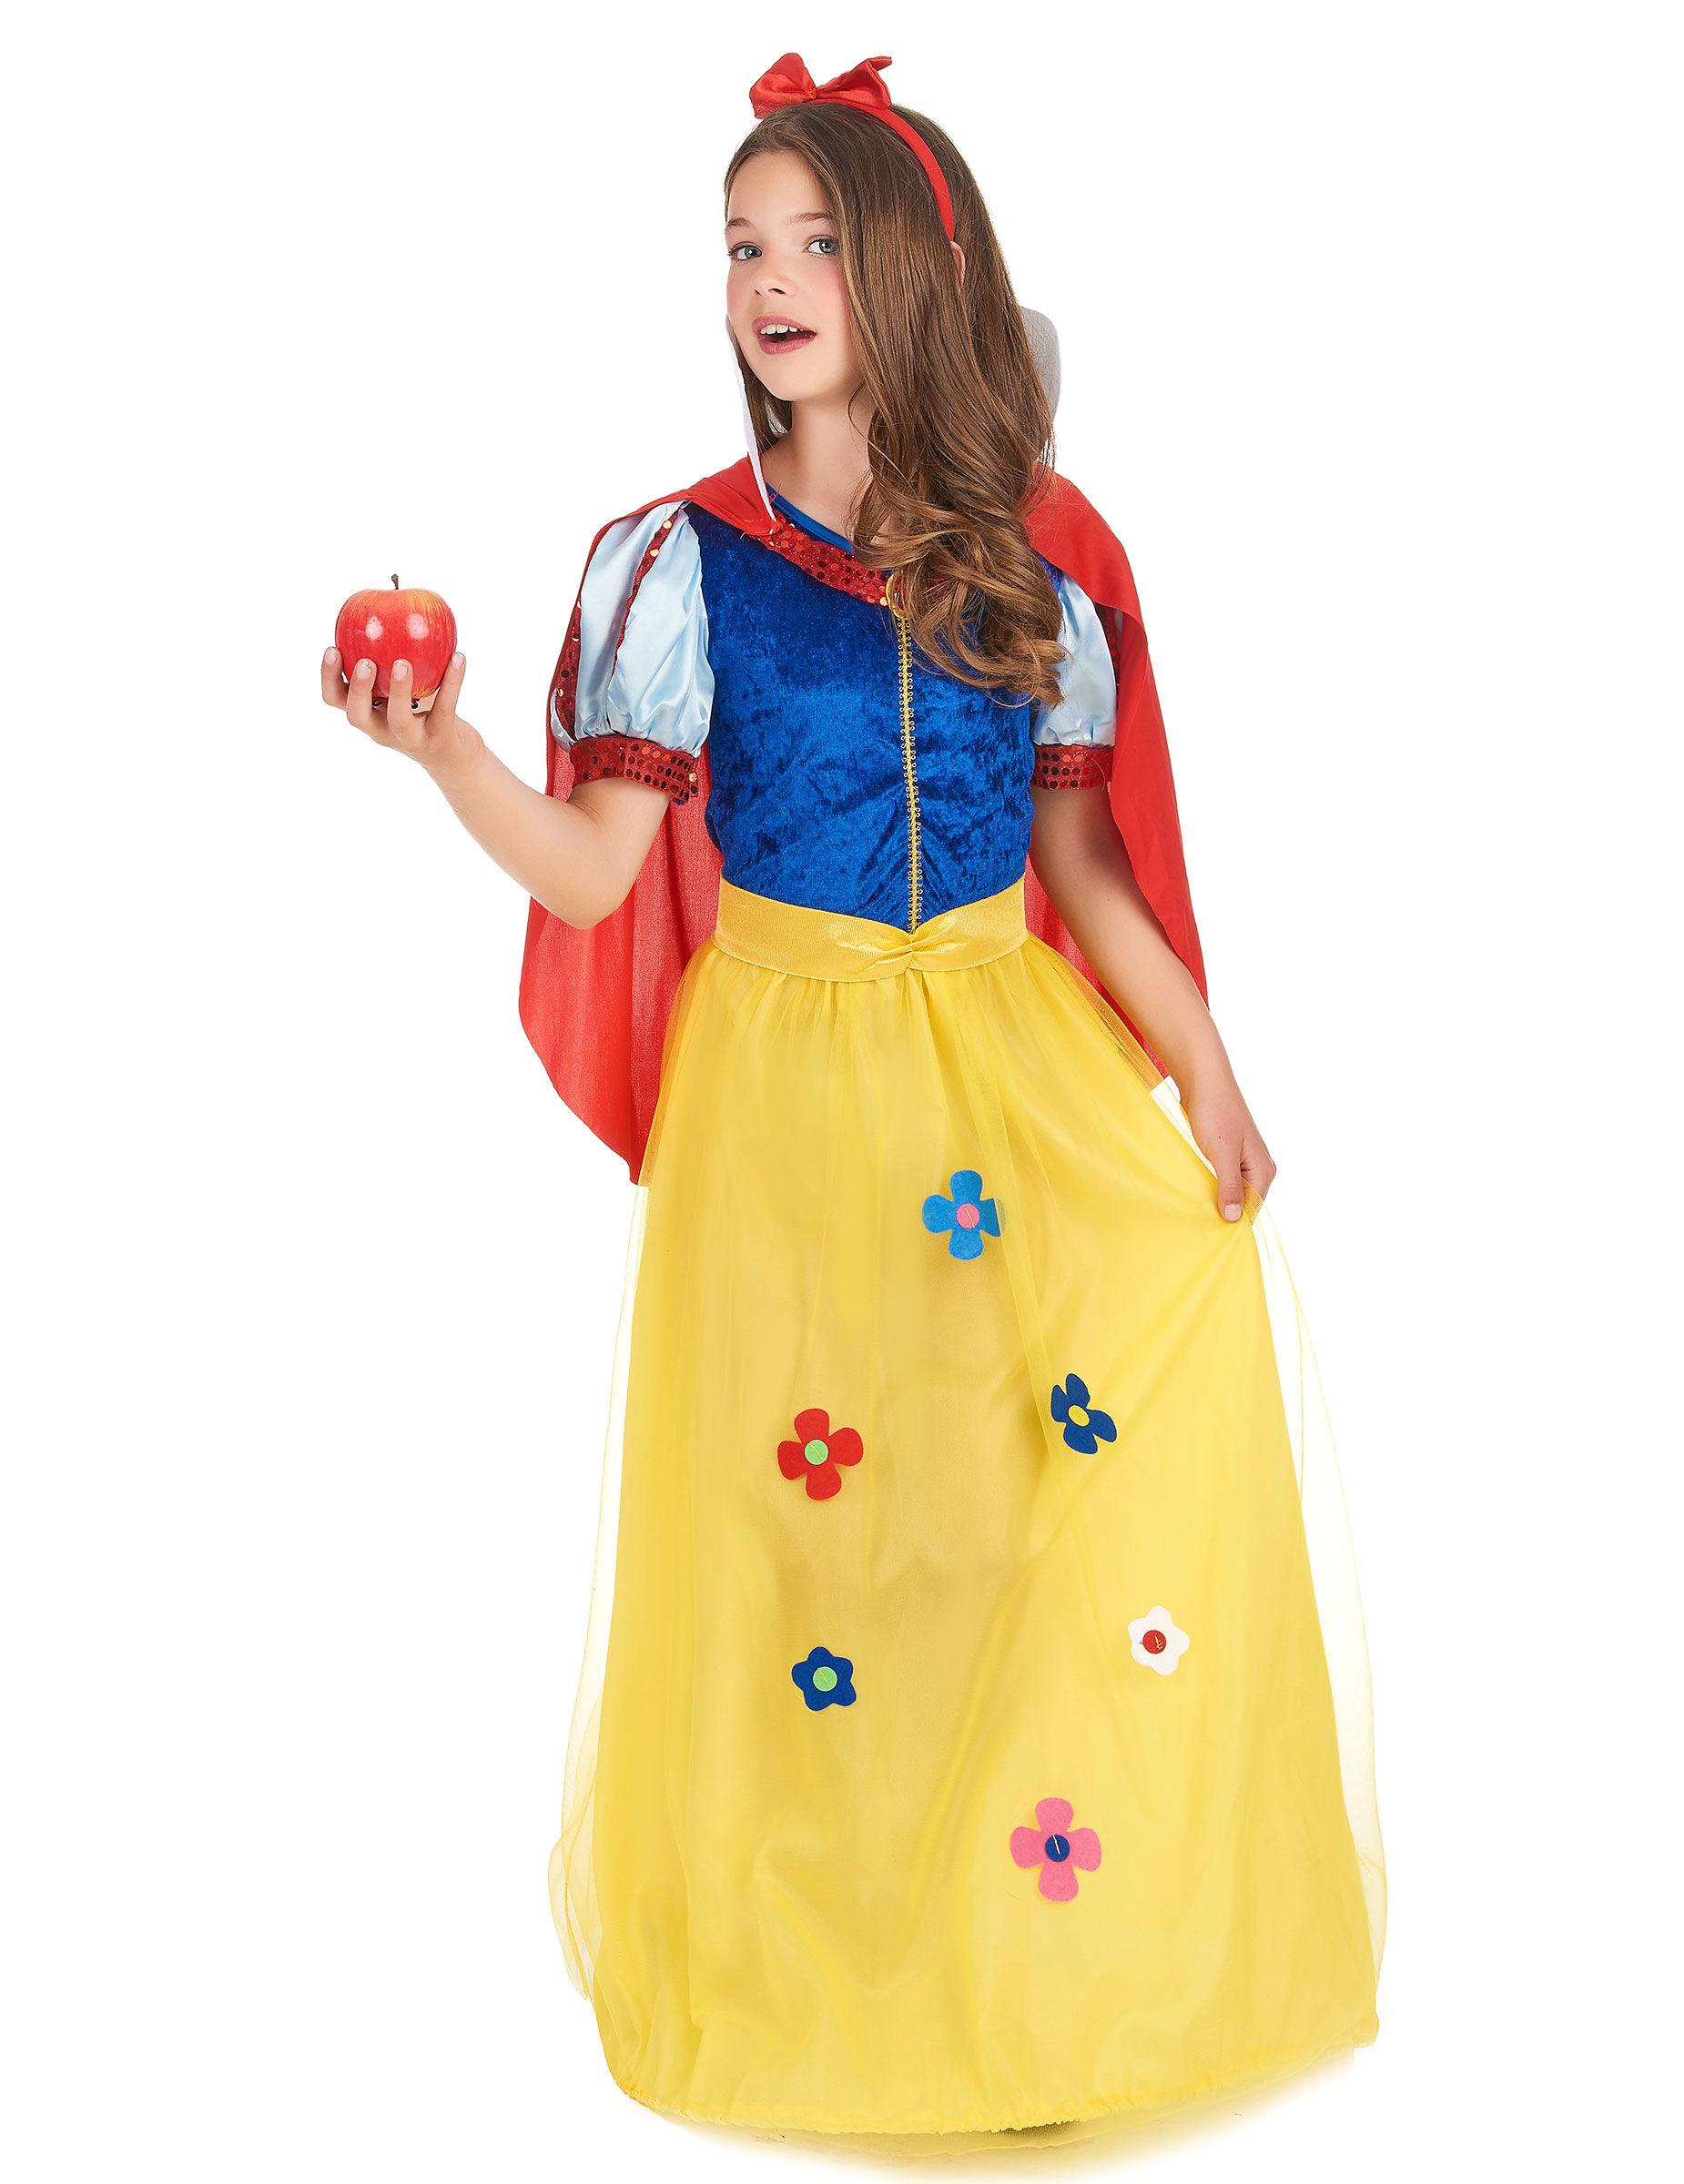 Deguisetoi Déguisement princesse à fleur fille - Taille: M 7-9 ans (120-130 cm)